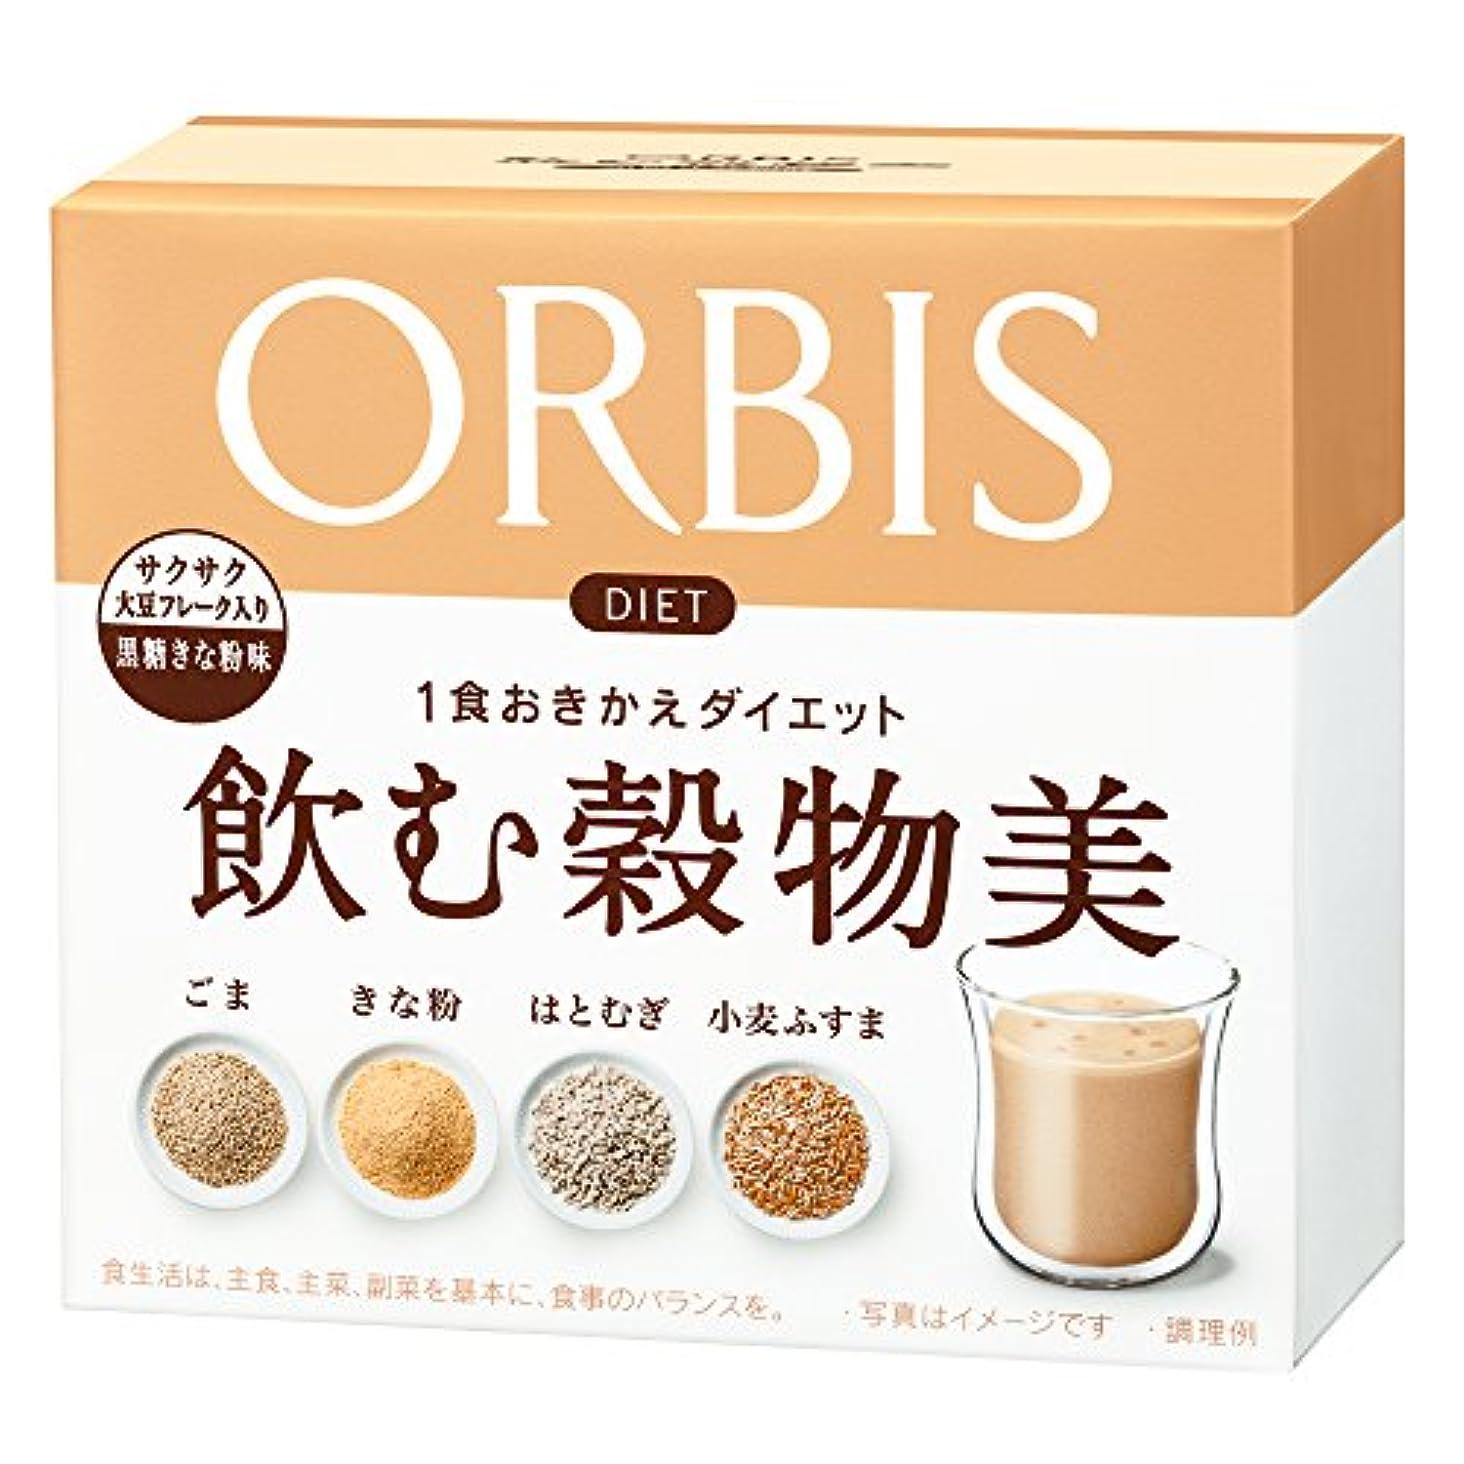 サイドボード担当者容量オルビス(ORBIS) 飲む穀物美 黒糖きなこ味 7日分(25g×7袋) ◎雑穀ダイエットシェイク◎ 1食分約189kcal